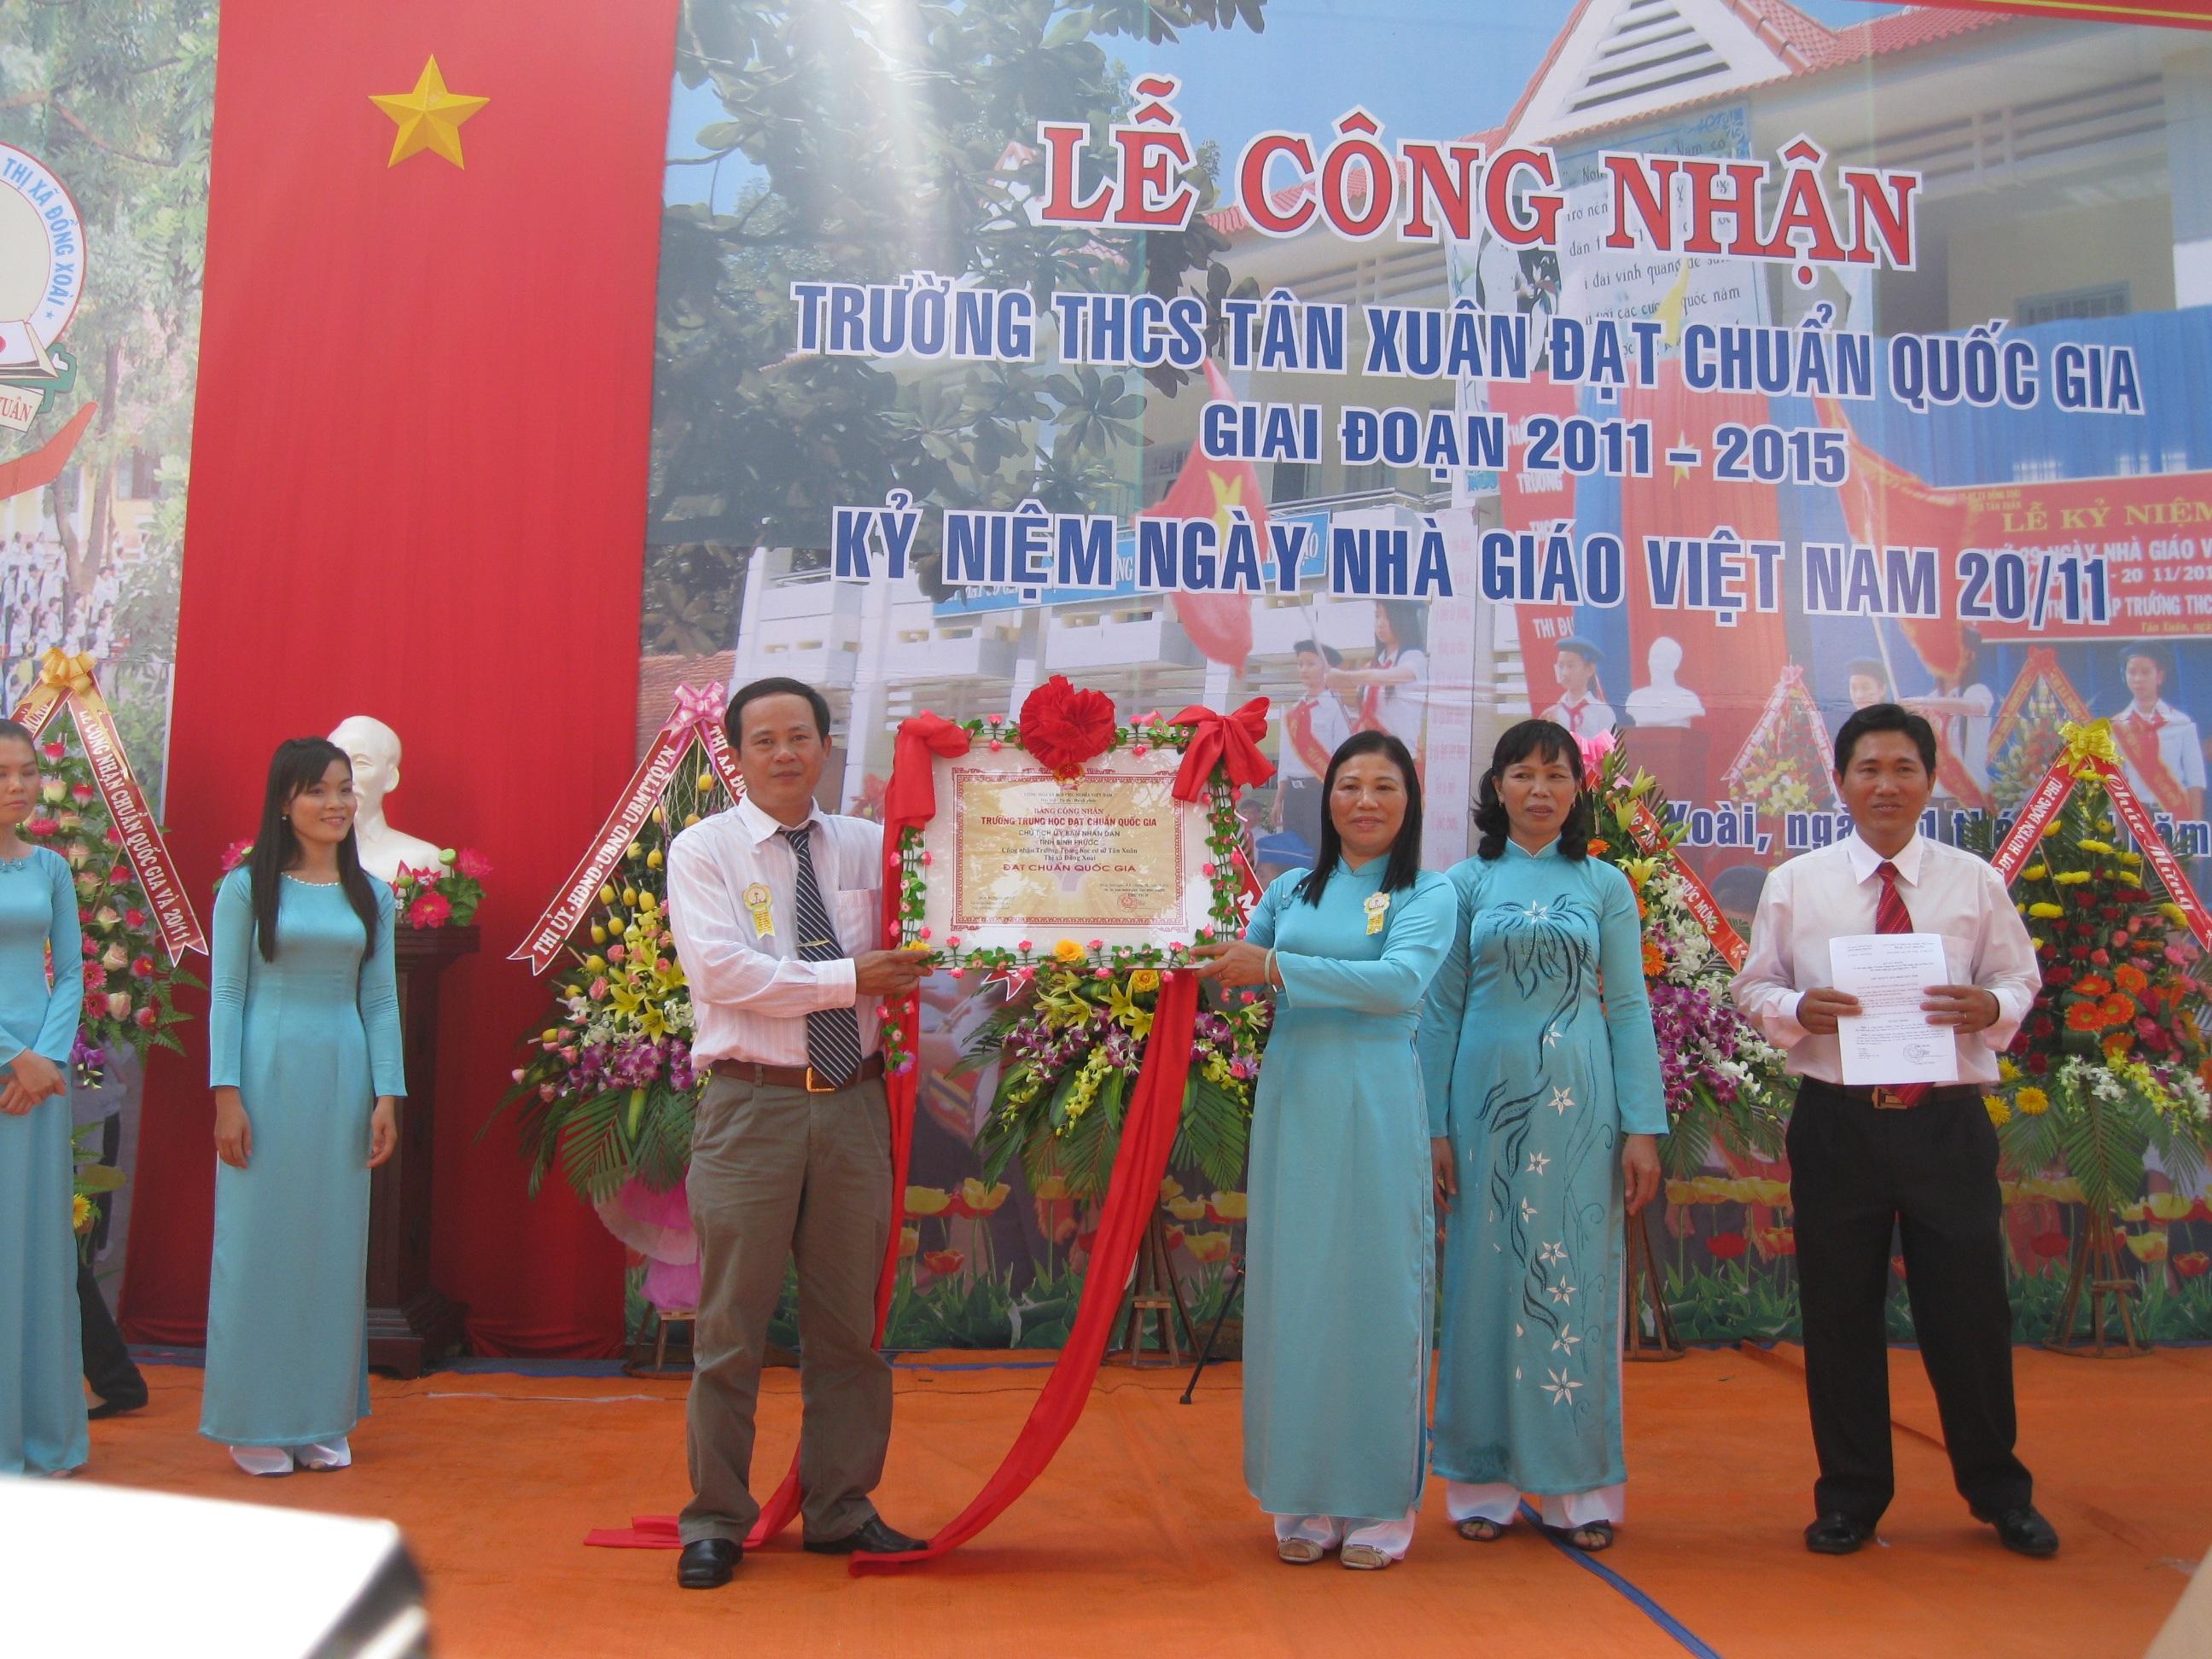 Tập tin:THCS Tân Xuân đạt chuẩn quốc gia.jpg